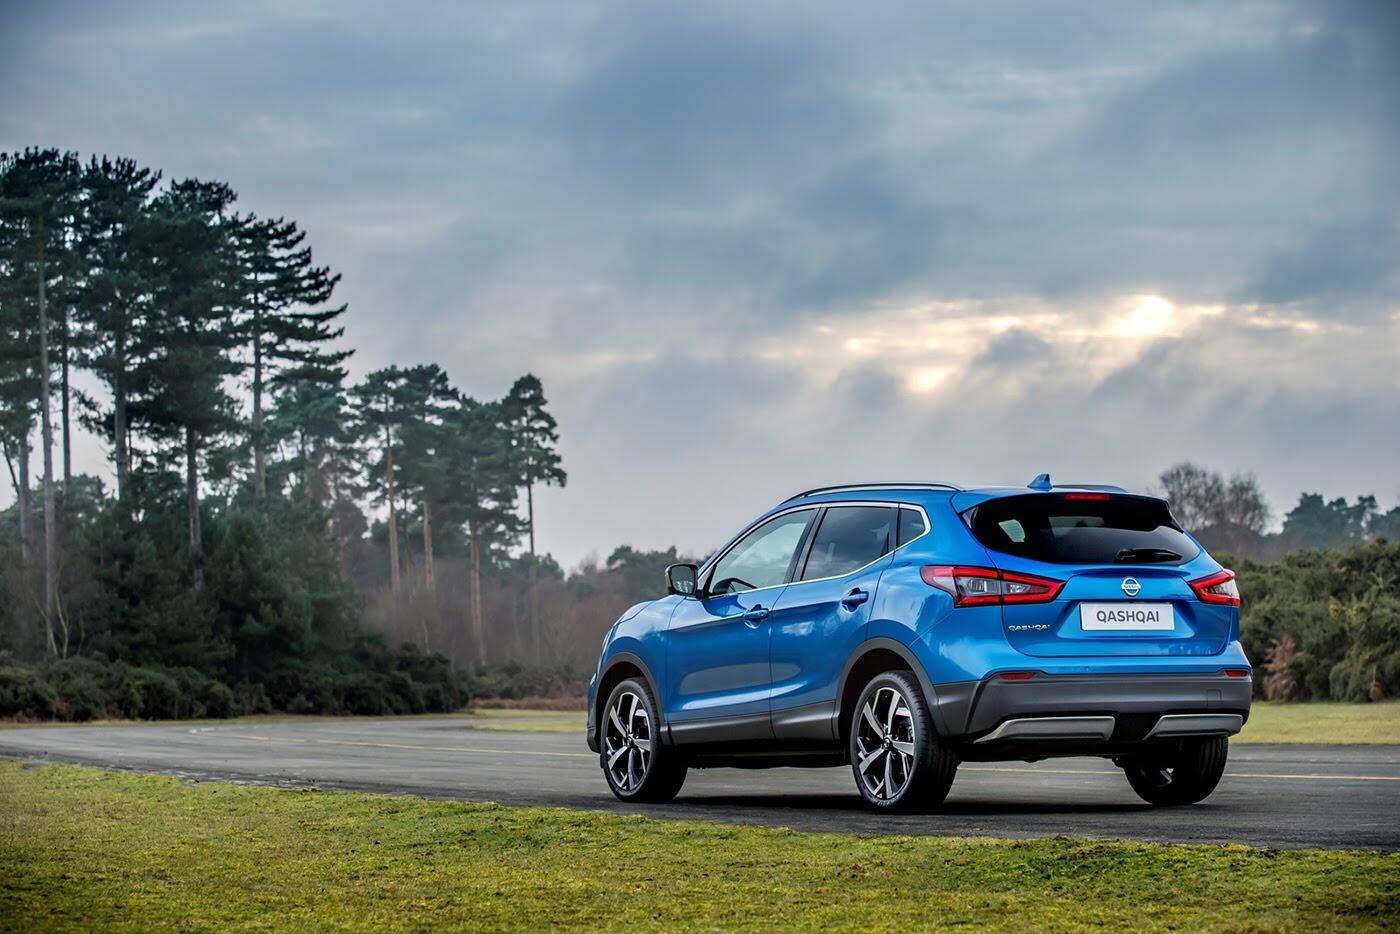 """Nissan Qashqai 2017 chính thức """"mở bán"""", giá hơn 25.000 USD - Hình 4"""